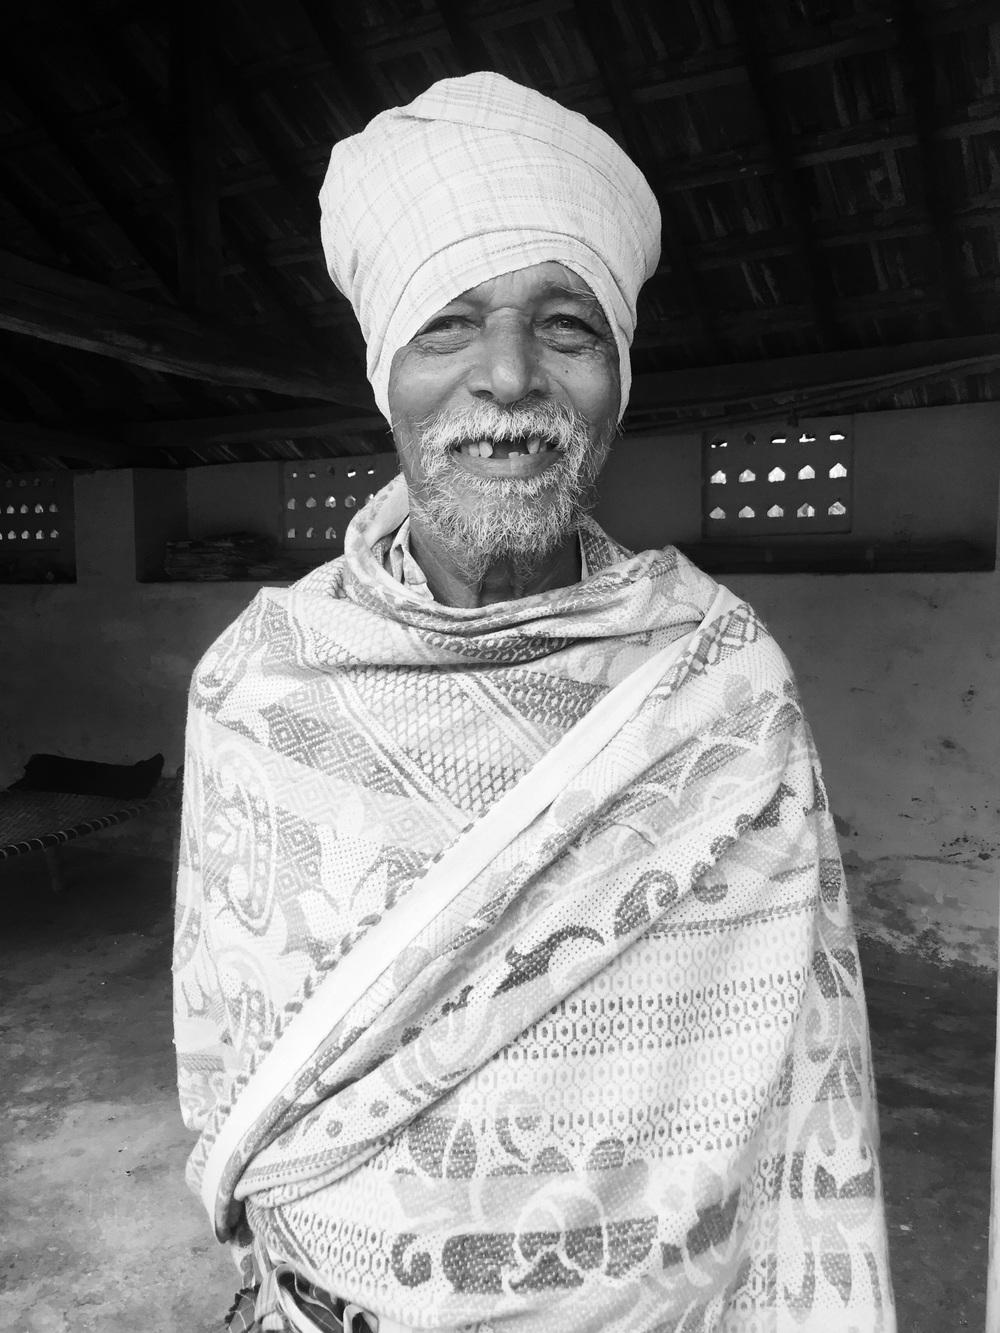 Nallasamy - 73 Year Old Farmer